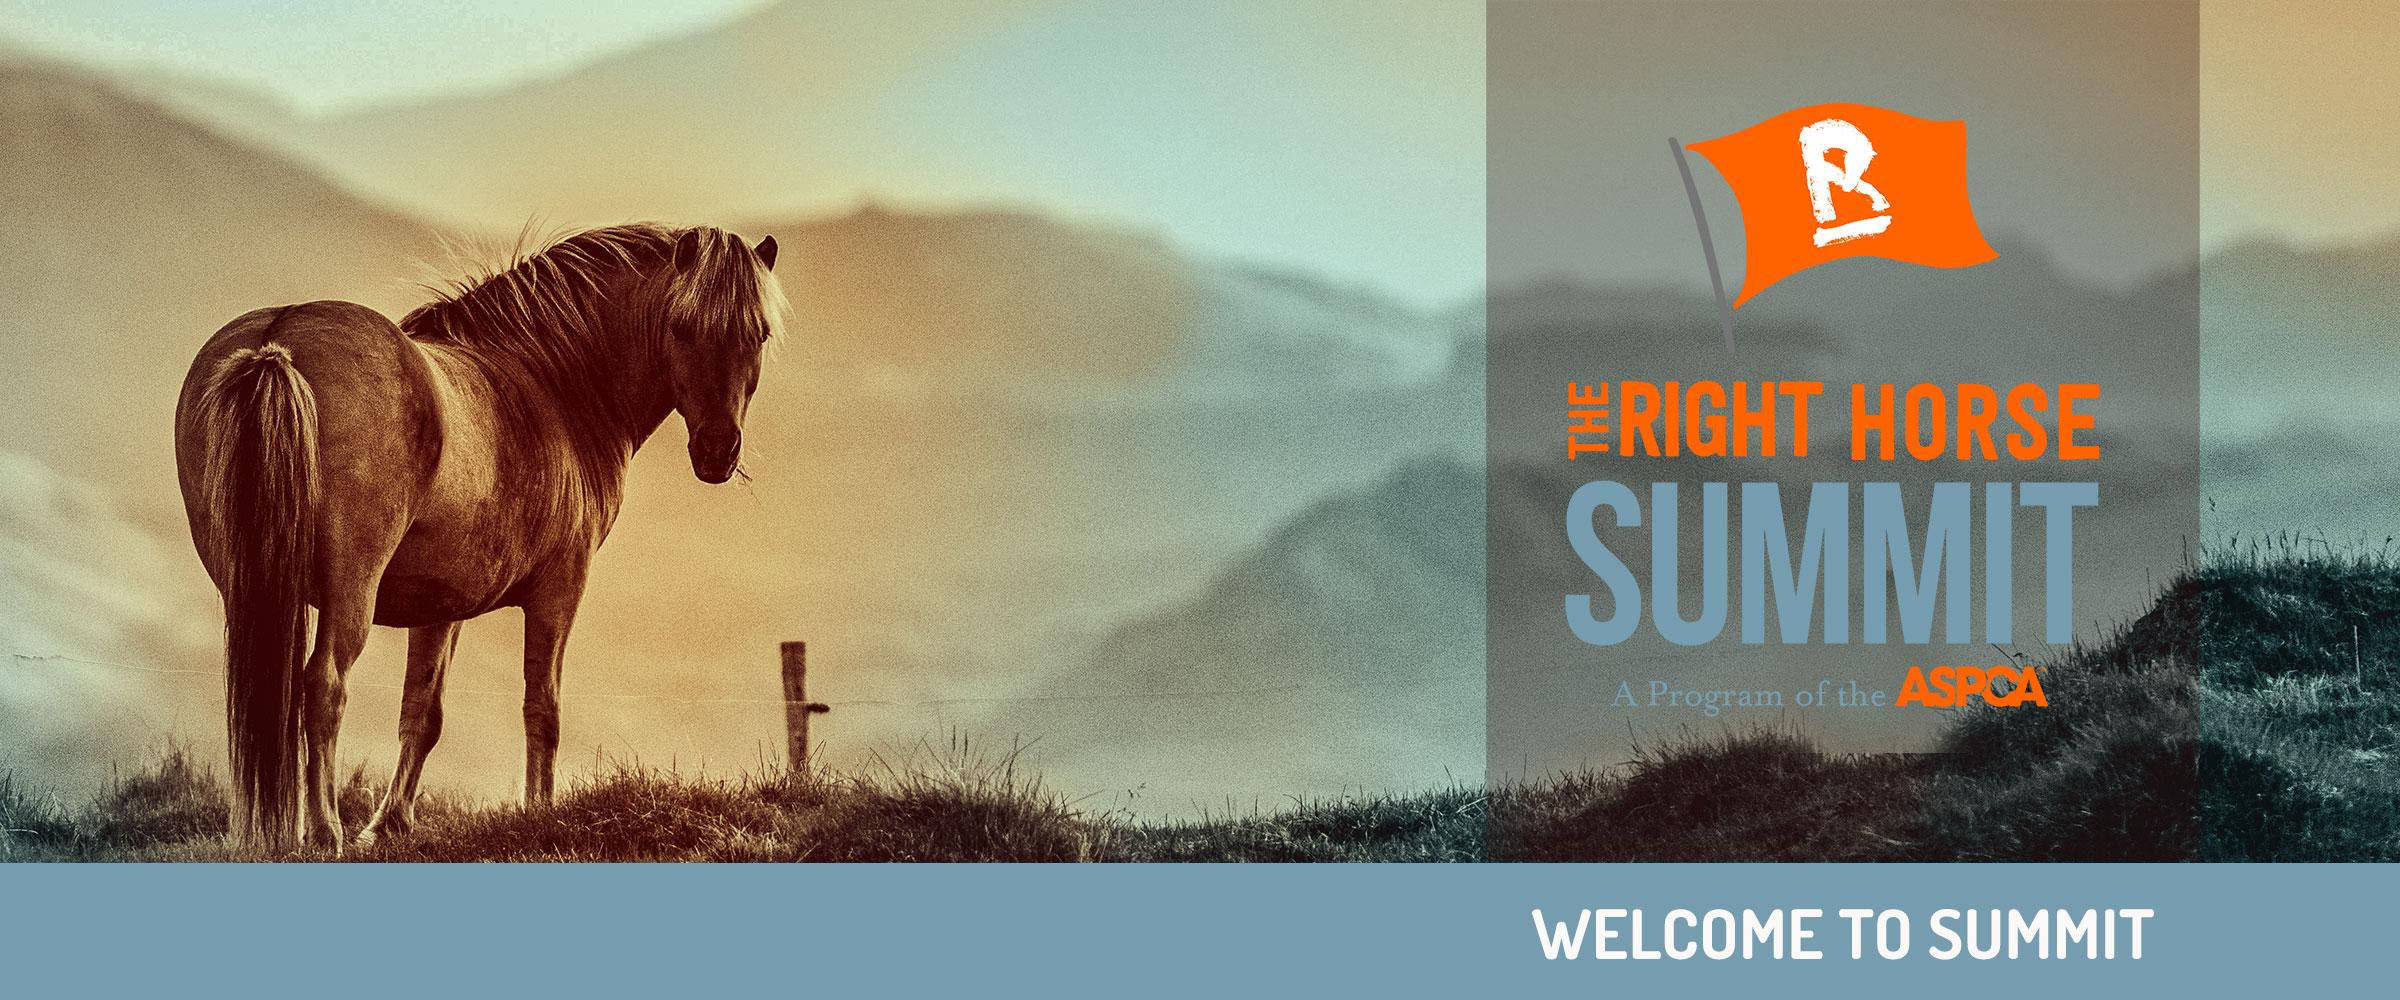 summit-header-welcome